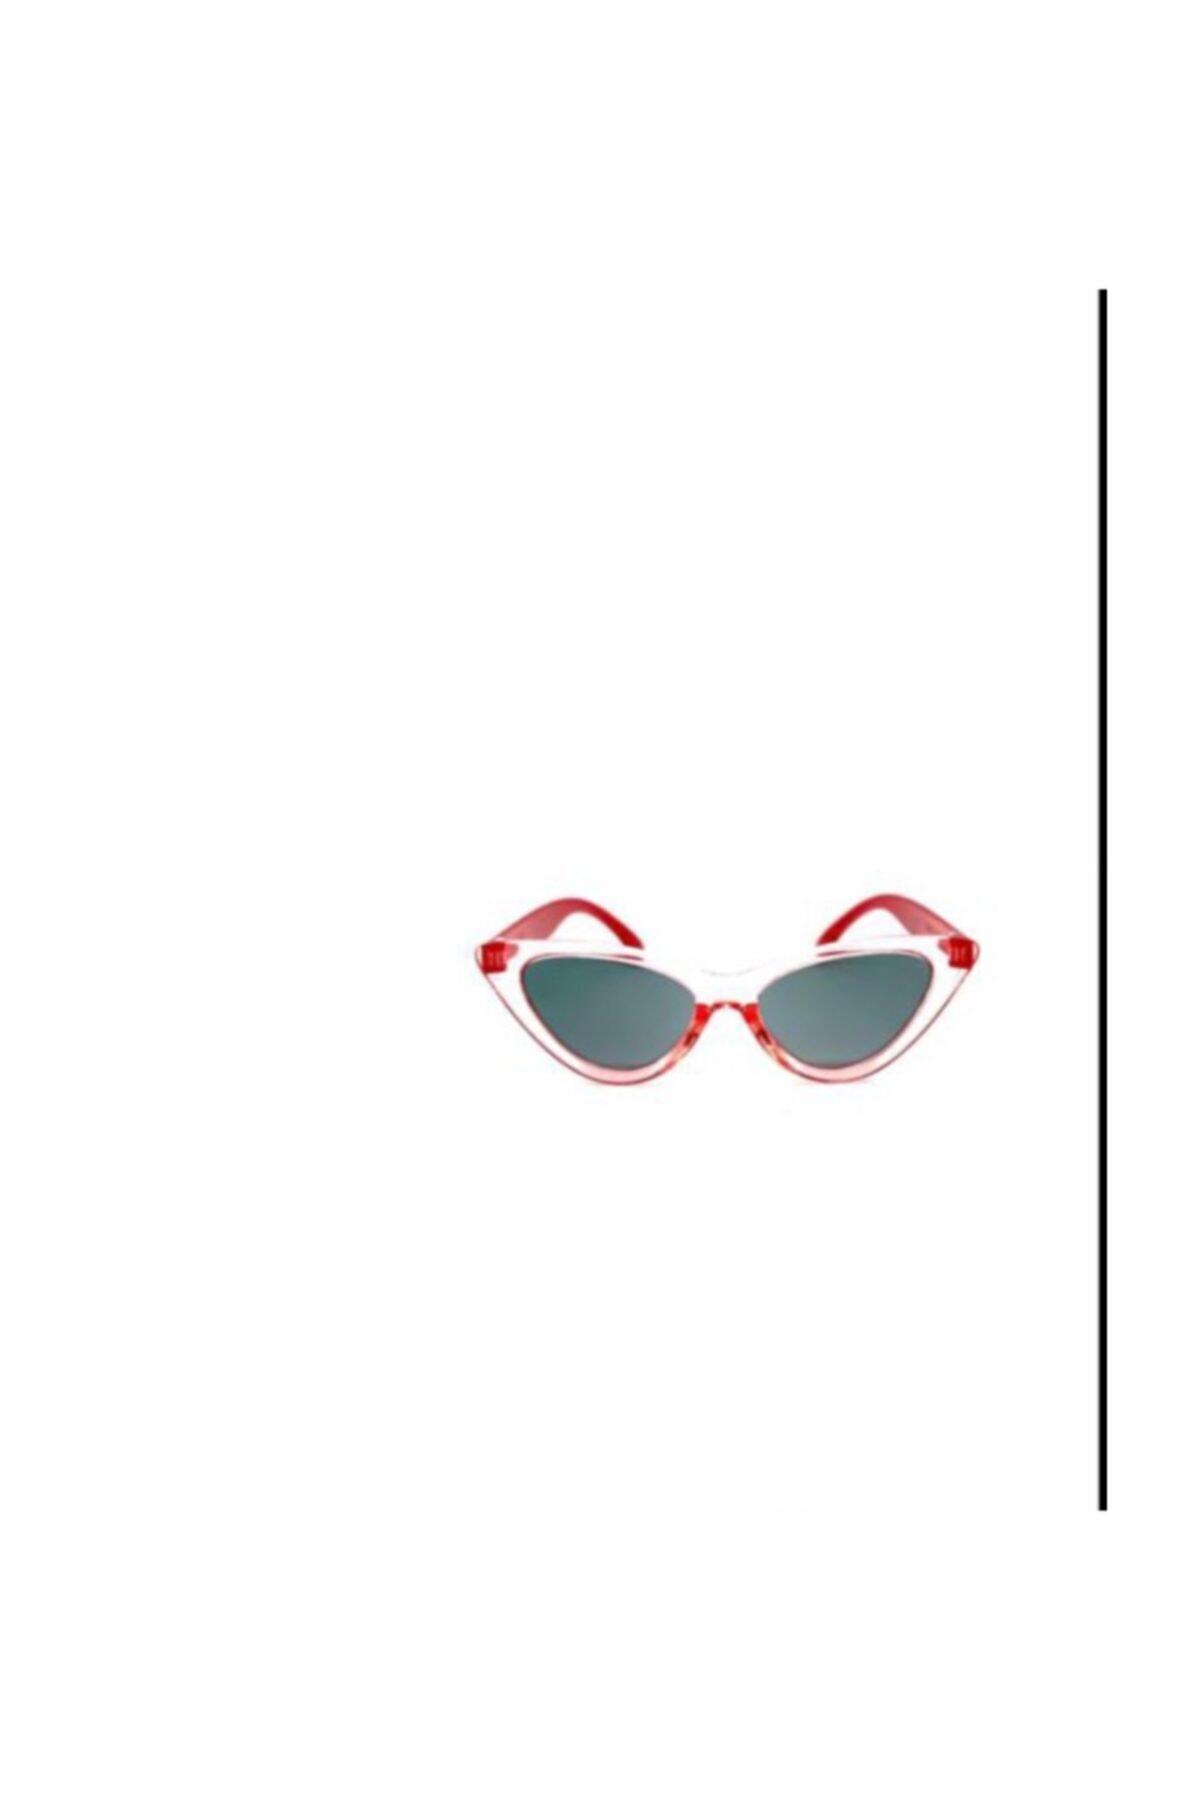 عینک آفتابی جدید بچه گانه دخترانه شیک برند GÖZLÜKDÜKKANI رنگ قرمز ty98315940